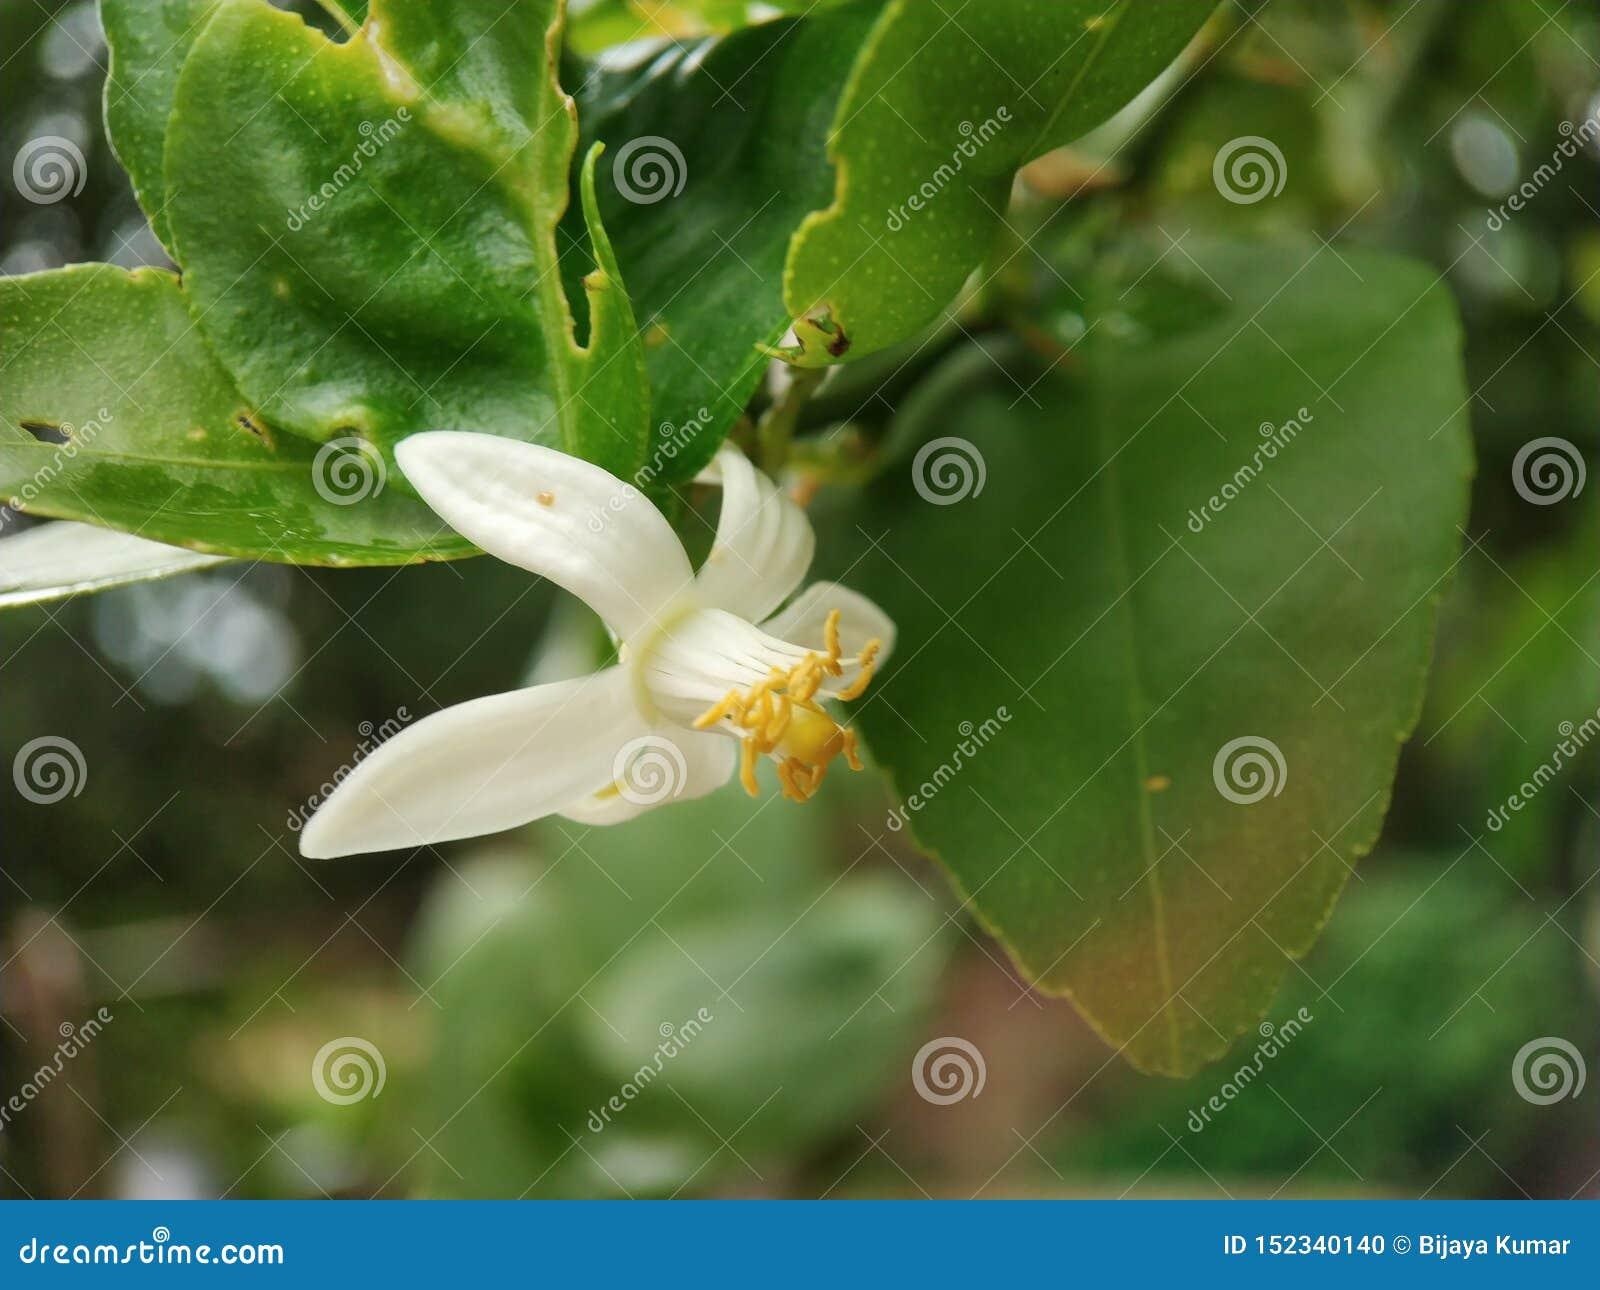 Zitronenblumen-Makroschuß gut fokussiert mit grünen Blättern